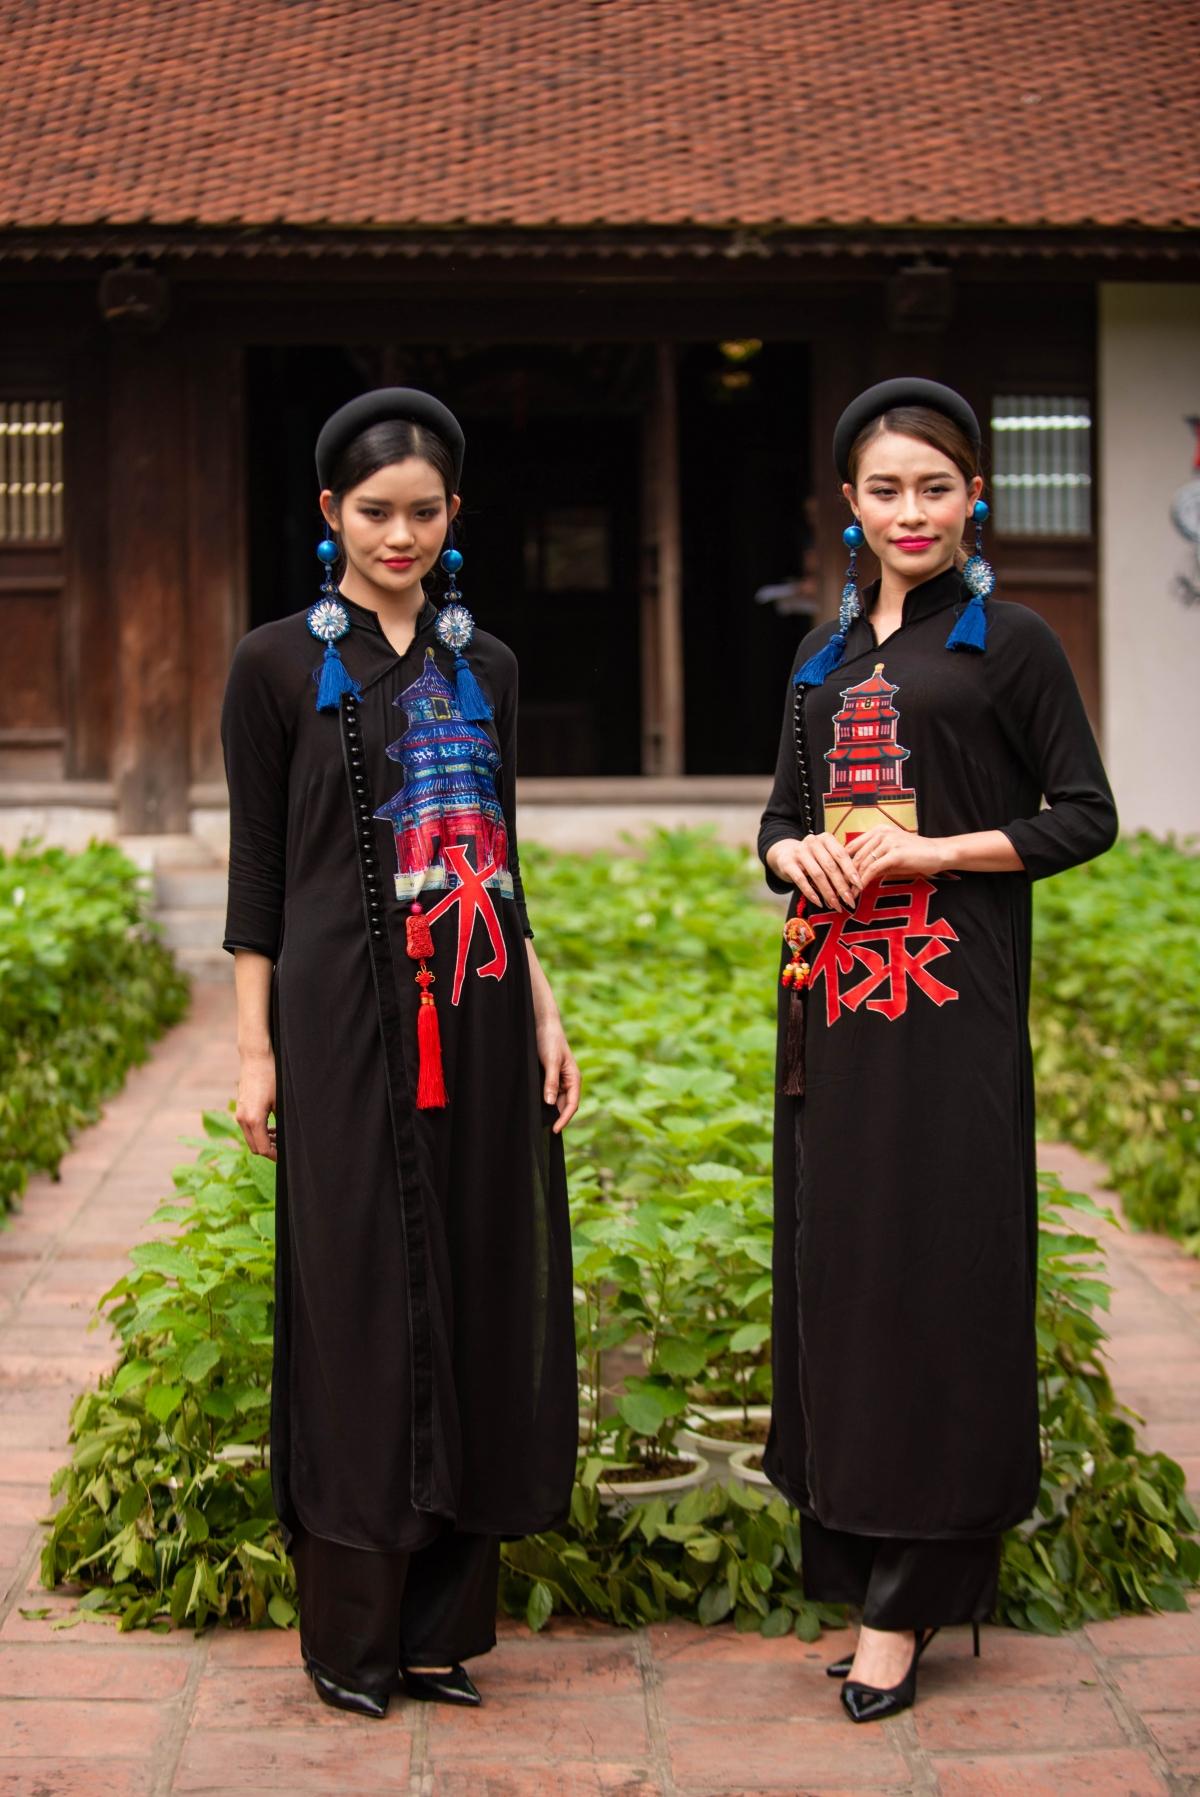 Tôn vinh áo dài không chỉ là tôn vinh vẻ đẹp của nó mà còn là tôn vinh vẻ đẹp và tinh thần của người phụ nữ Việt Nam.